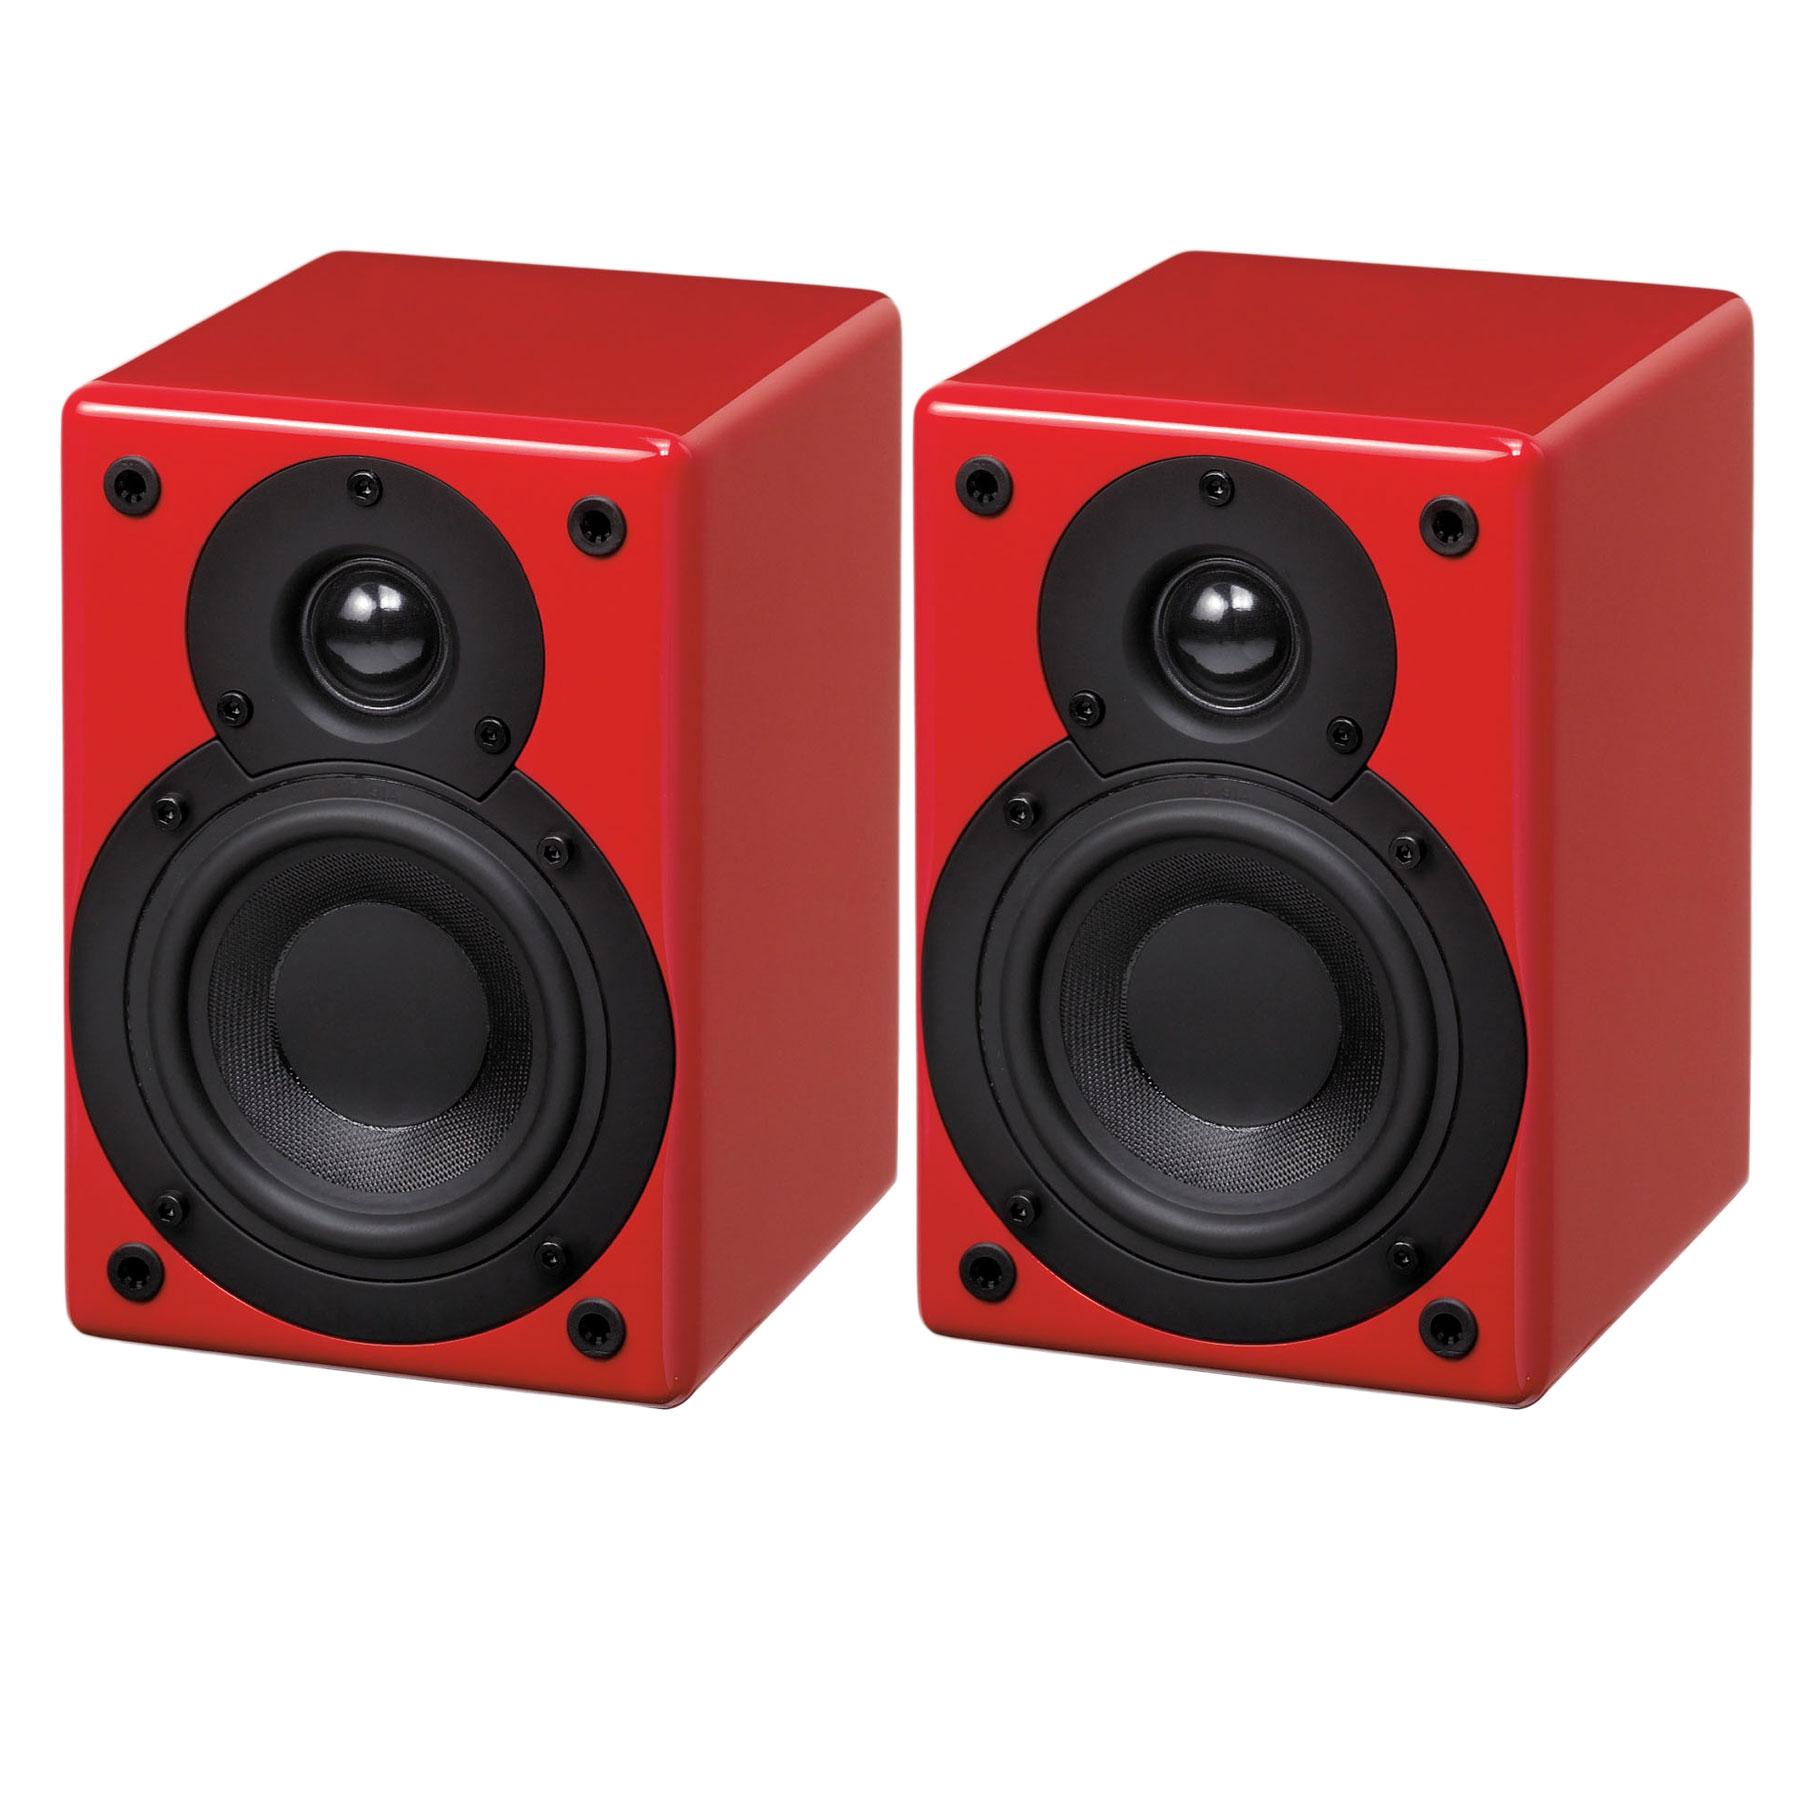 scansonic s3 active rouge enceintes hifi scansonic sur. Black Bedroom Furniture Sets. Home Design Ideas